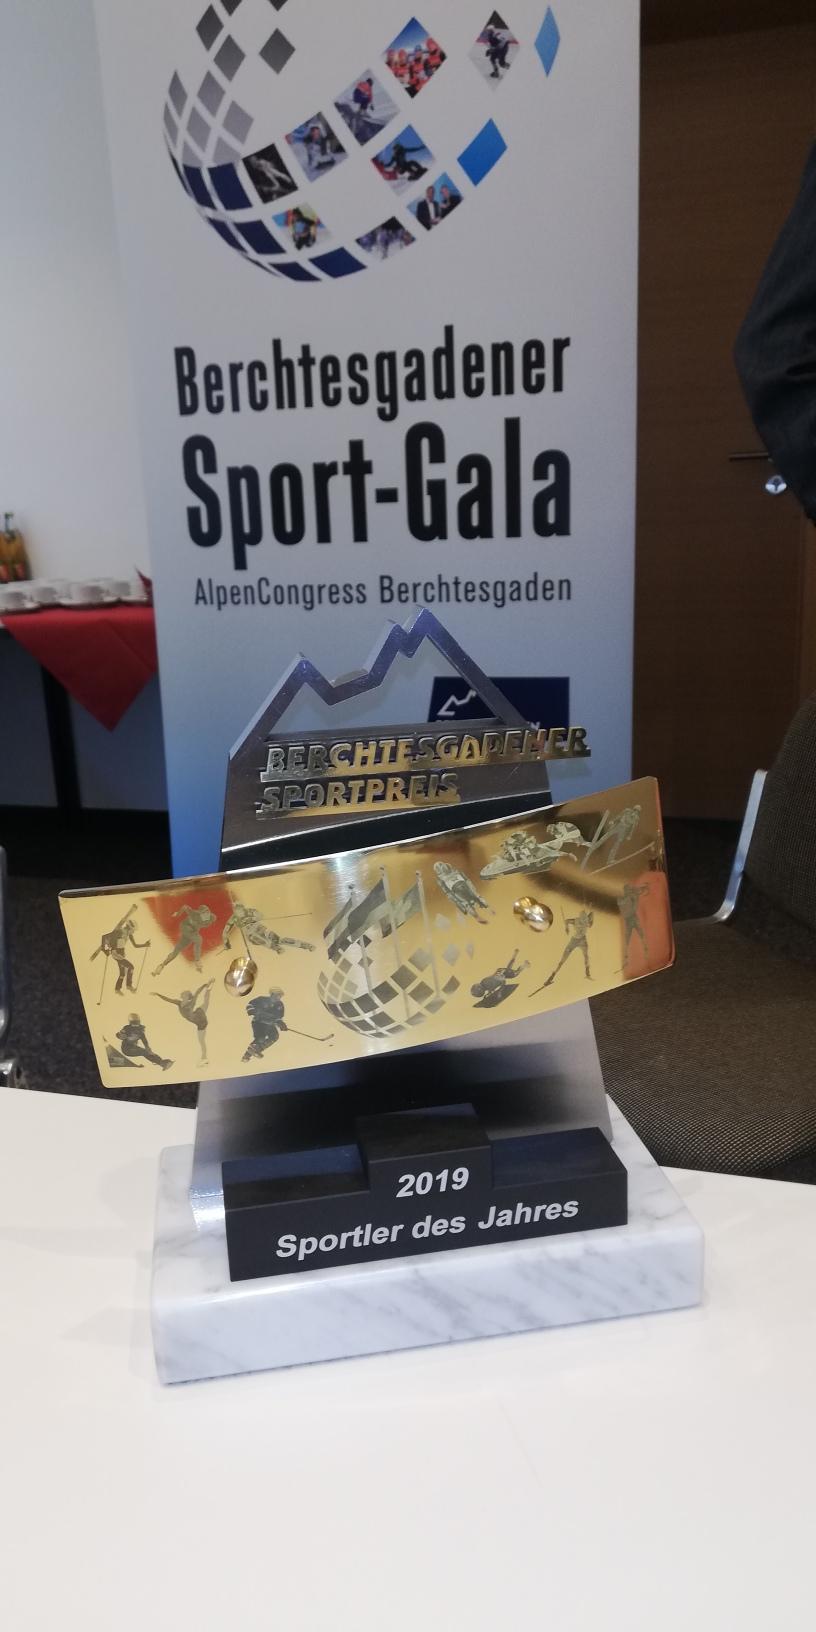 Berchtesgadener Sport-Gala 2019 (c)be-outdoor.de